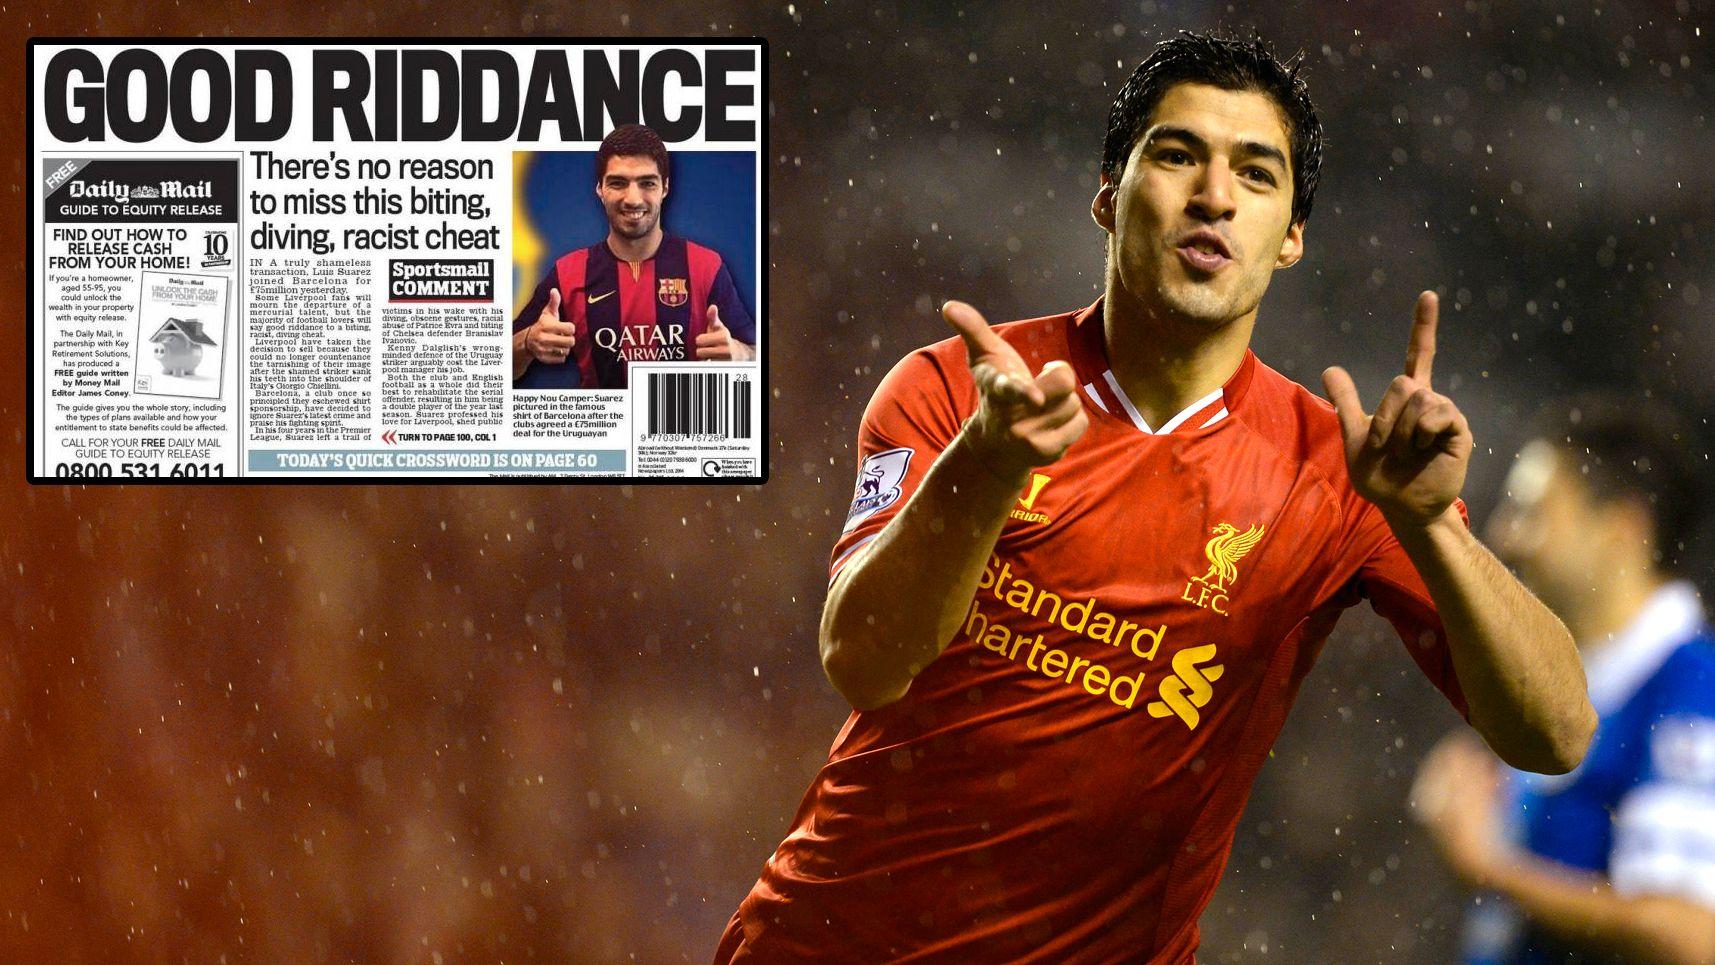 Slik sier Daily Mail adjø til Luis Suárez. Her er jubler 27-åringen etter en scoring i Liverpool-drakten.